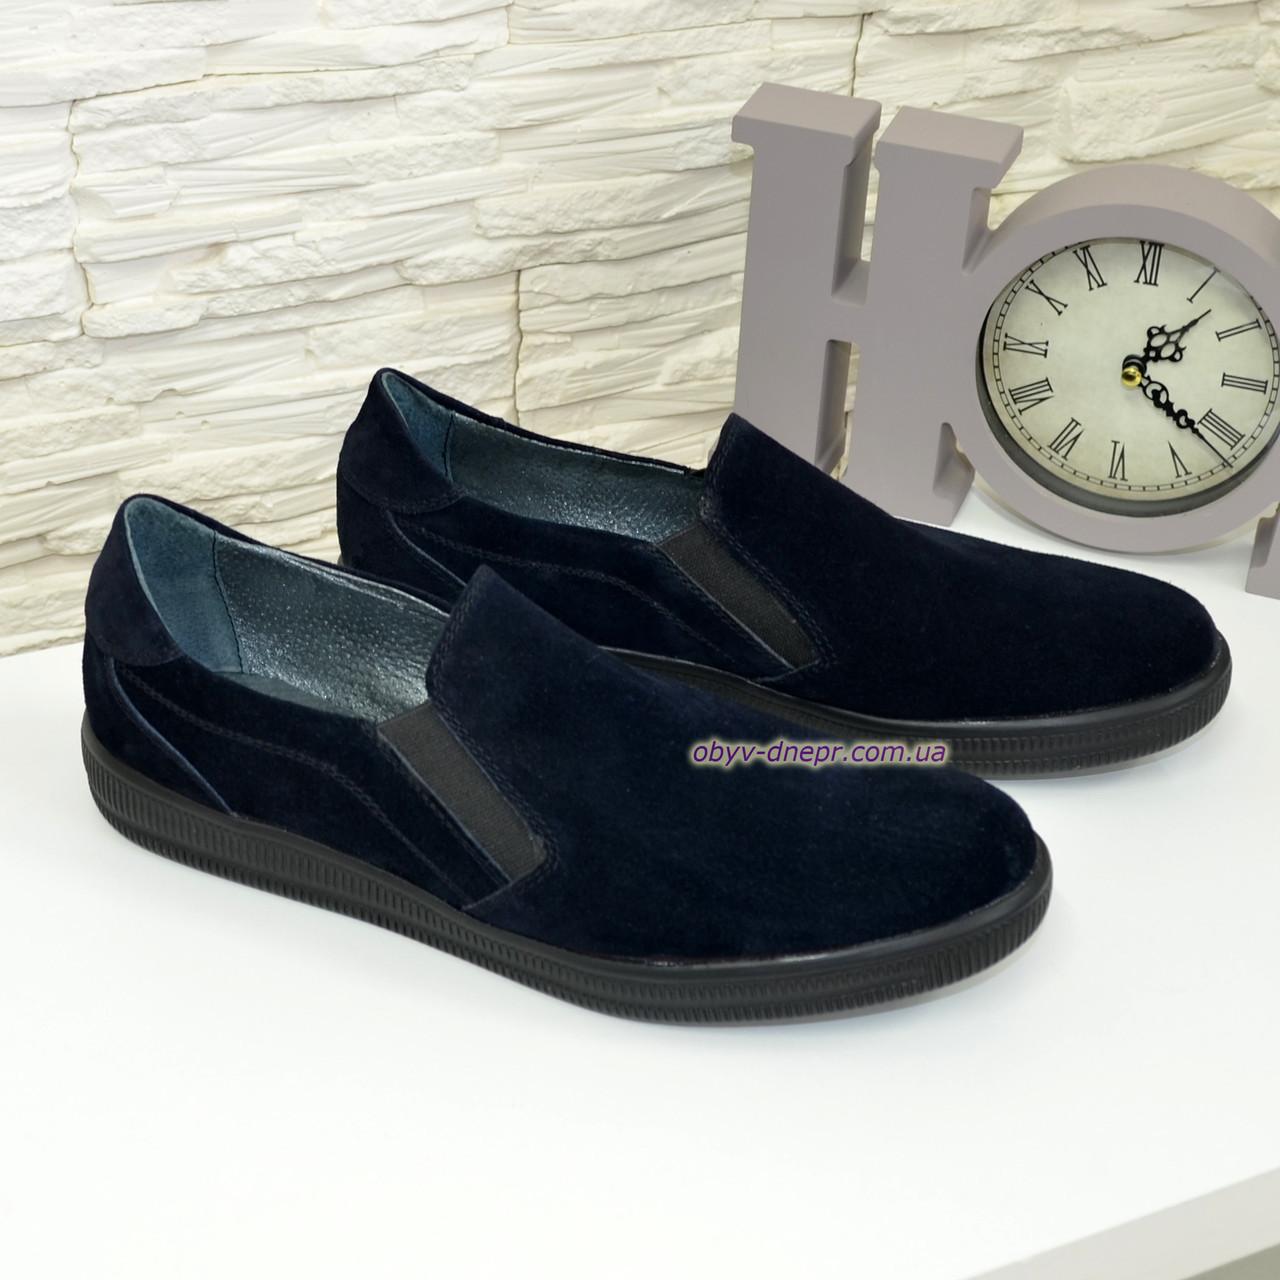 Мужские туфли-мокасины из натуральной замши синего цвета